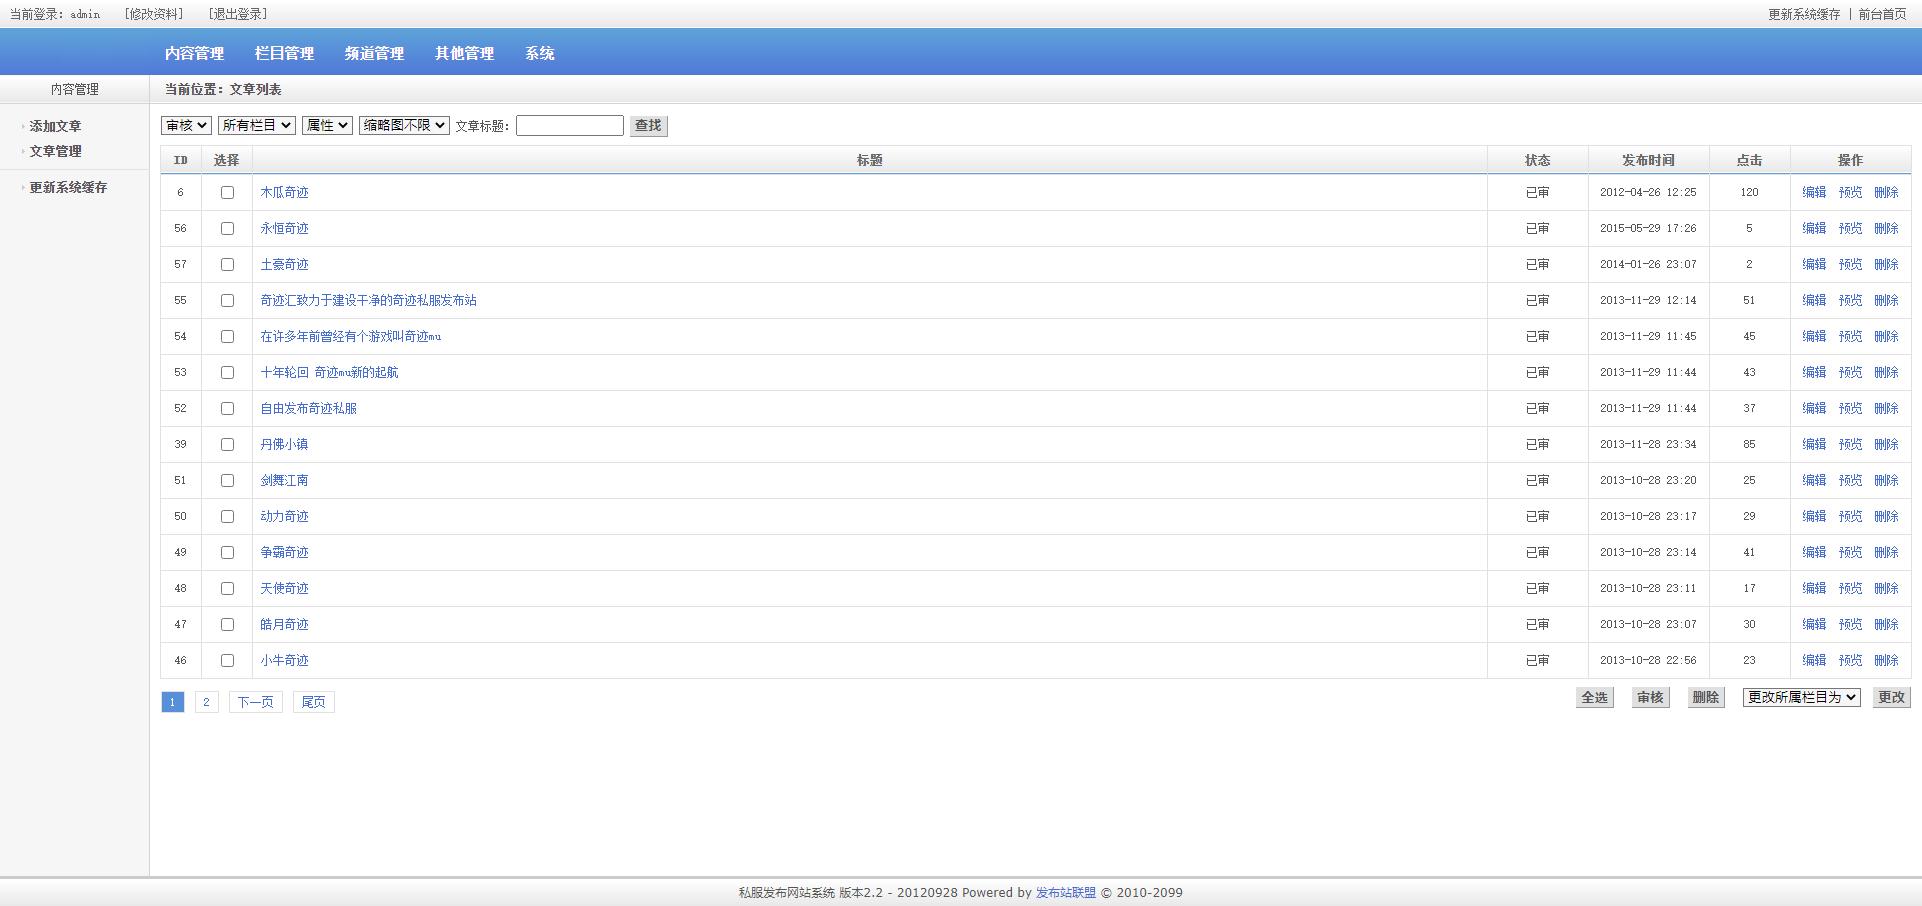 亲测丨PHP98游戏发布站程序v1.2游戏私服发布网站管理系统源码下载